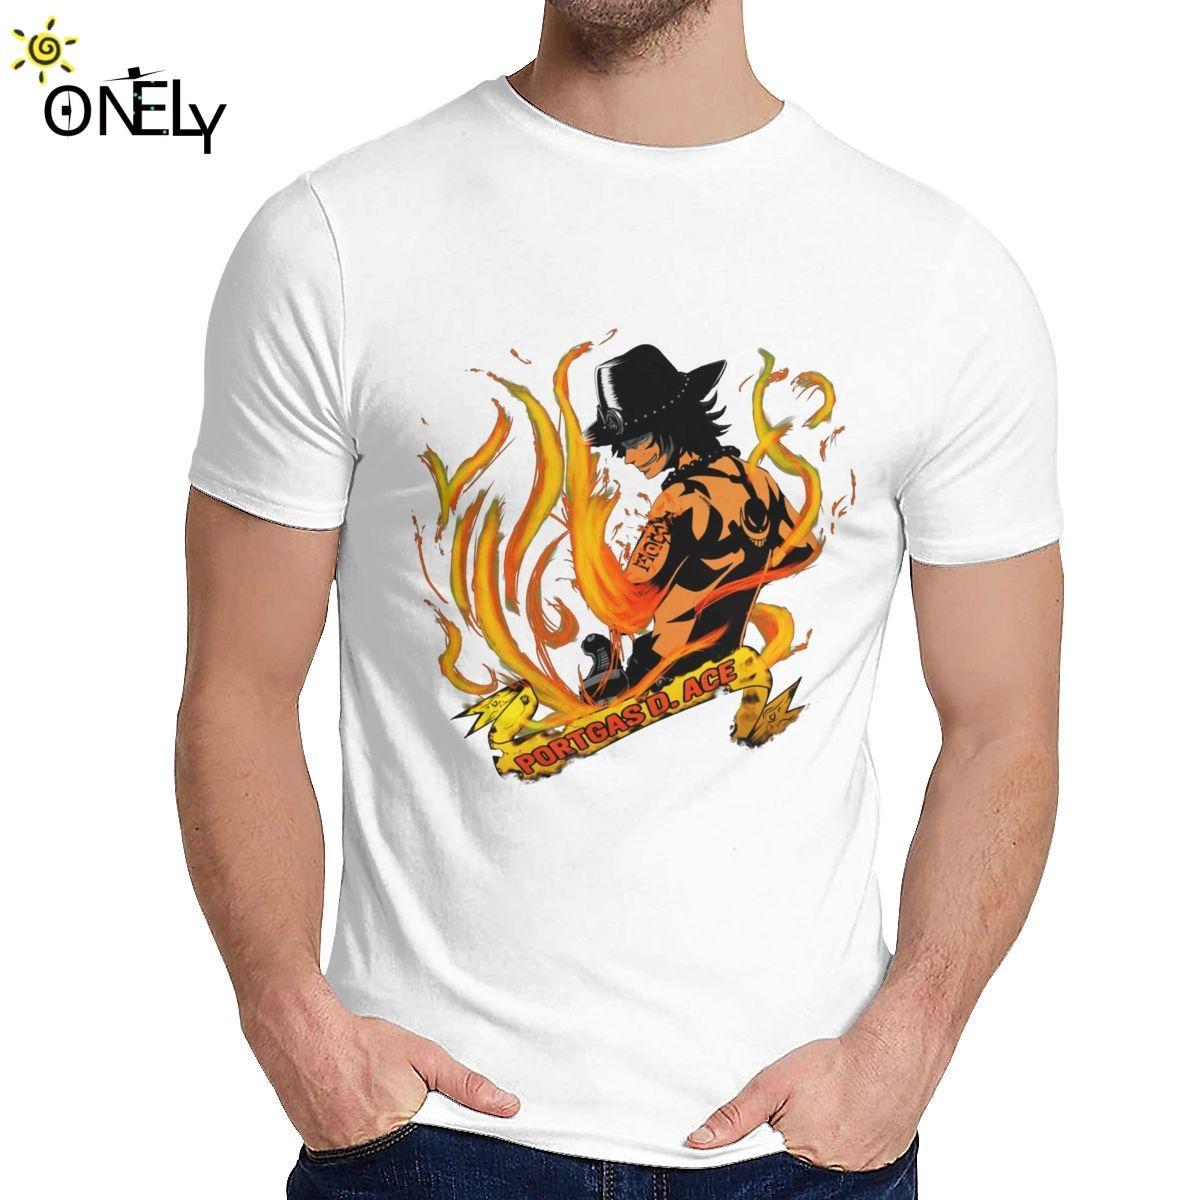 Freizeit Mann-T-Shirt Puma D. Ace One Piece Anime aus reiner Baumwolle O-Ansatz Retro-T-Shirt